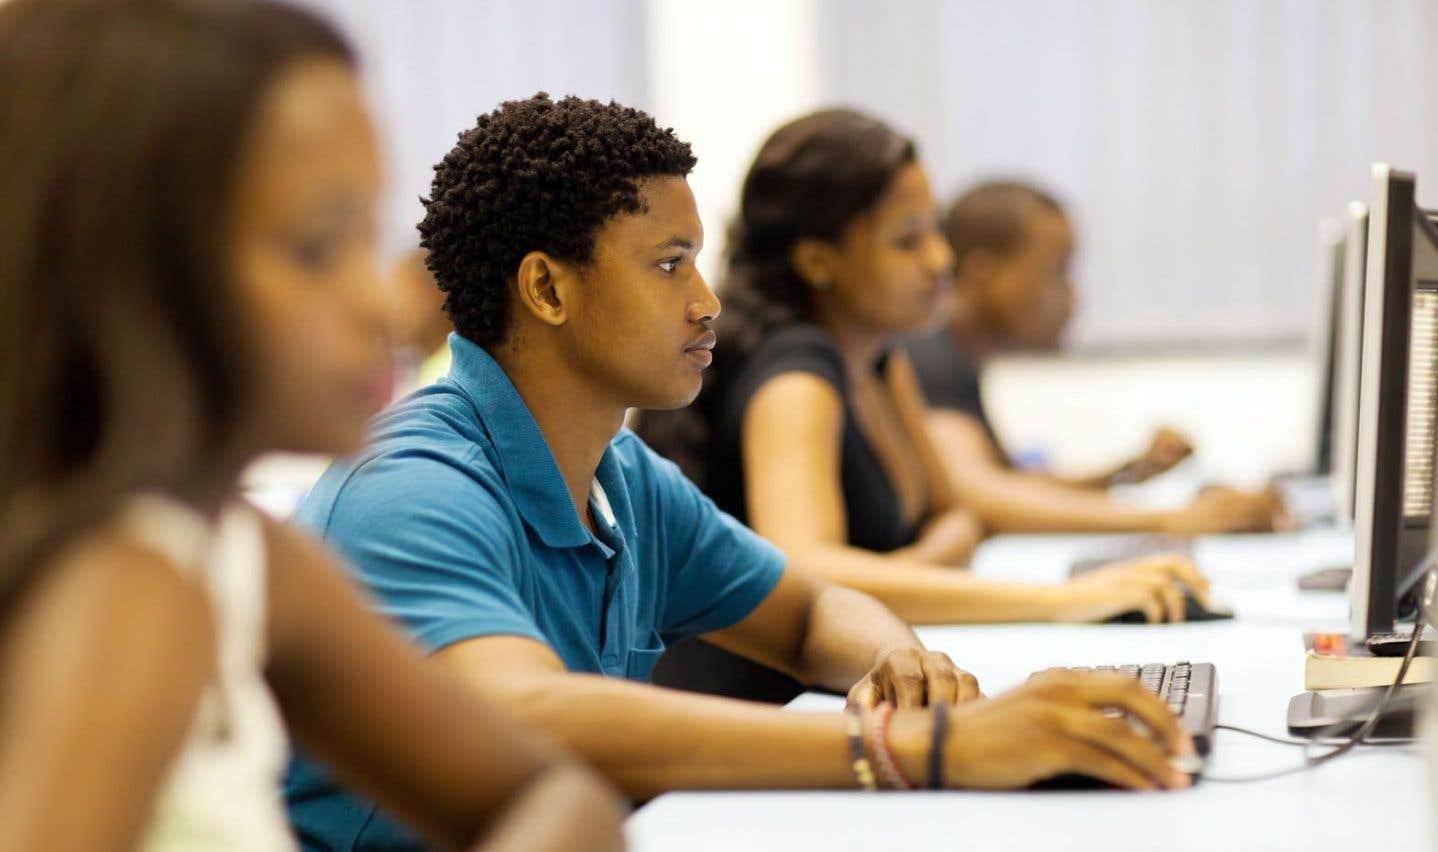 Le laboratoire virtuel permet aux étudiants de réaliser des expérimentations en manipulant à distance les appareils et d'en observer les résultats depuis n'importe quel ordinateur connecté de l'université.